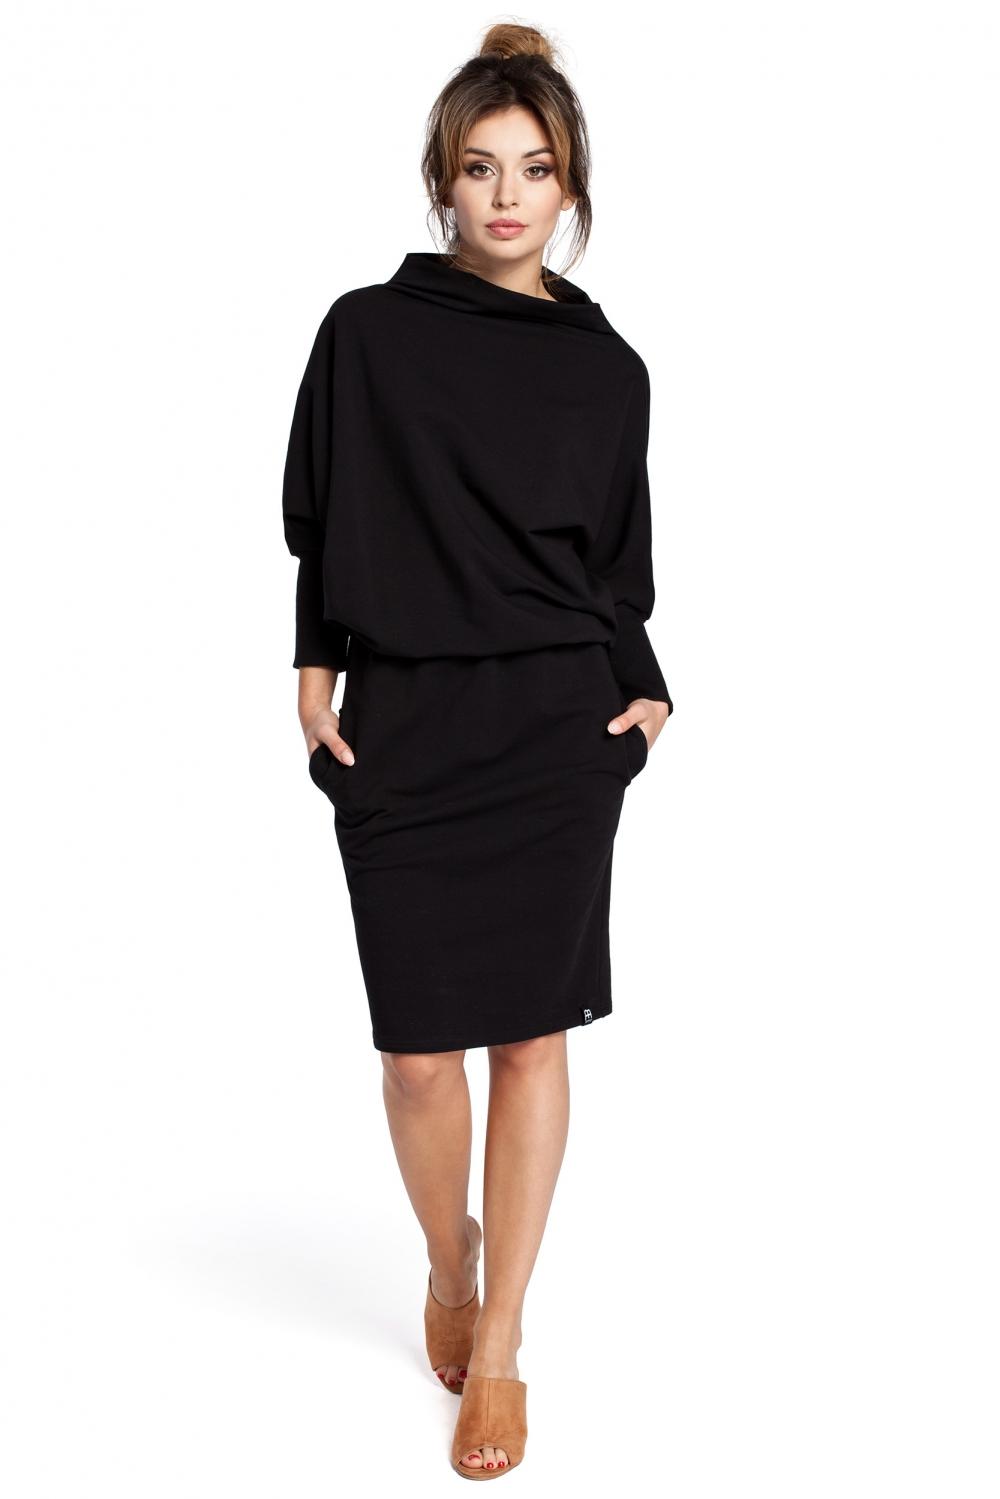 PRESTIGE praktické šaty B032-1 černé